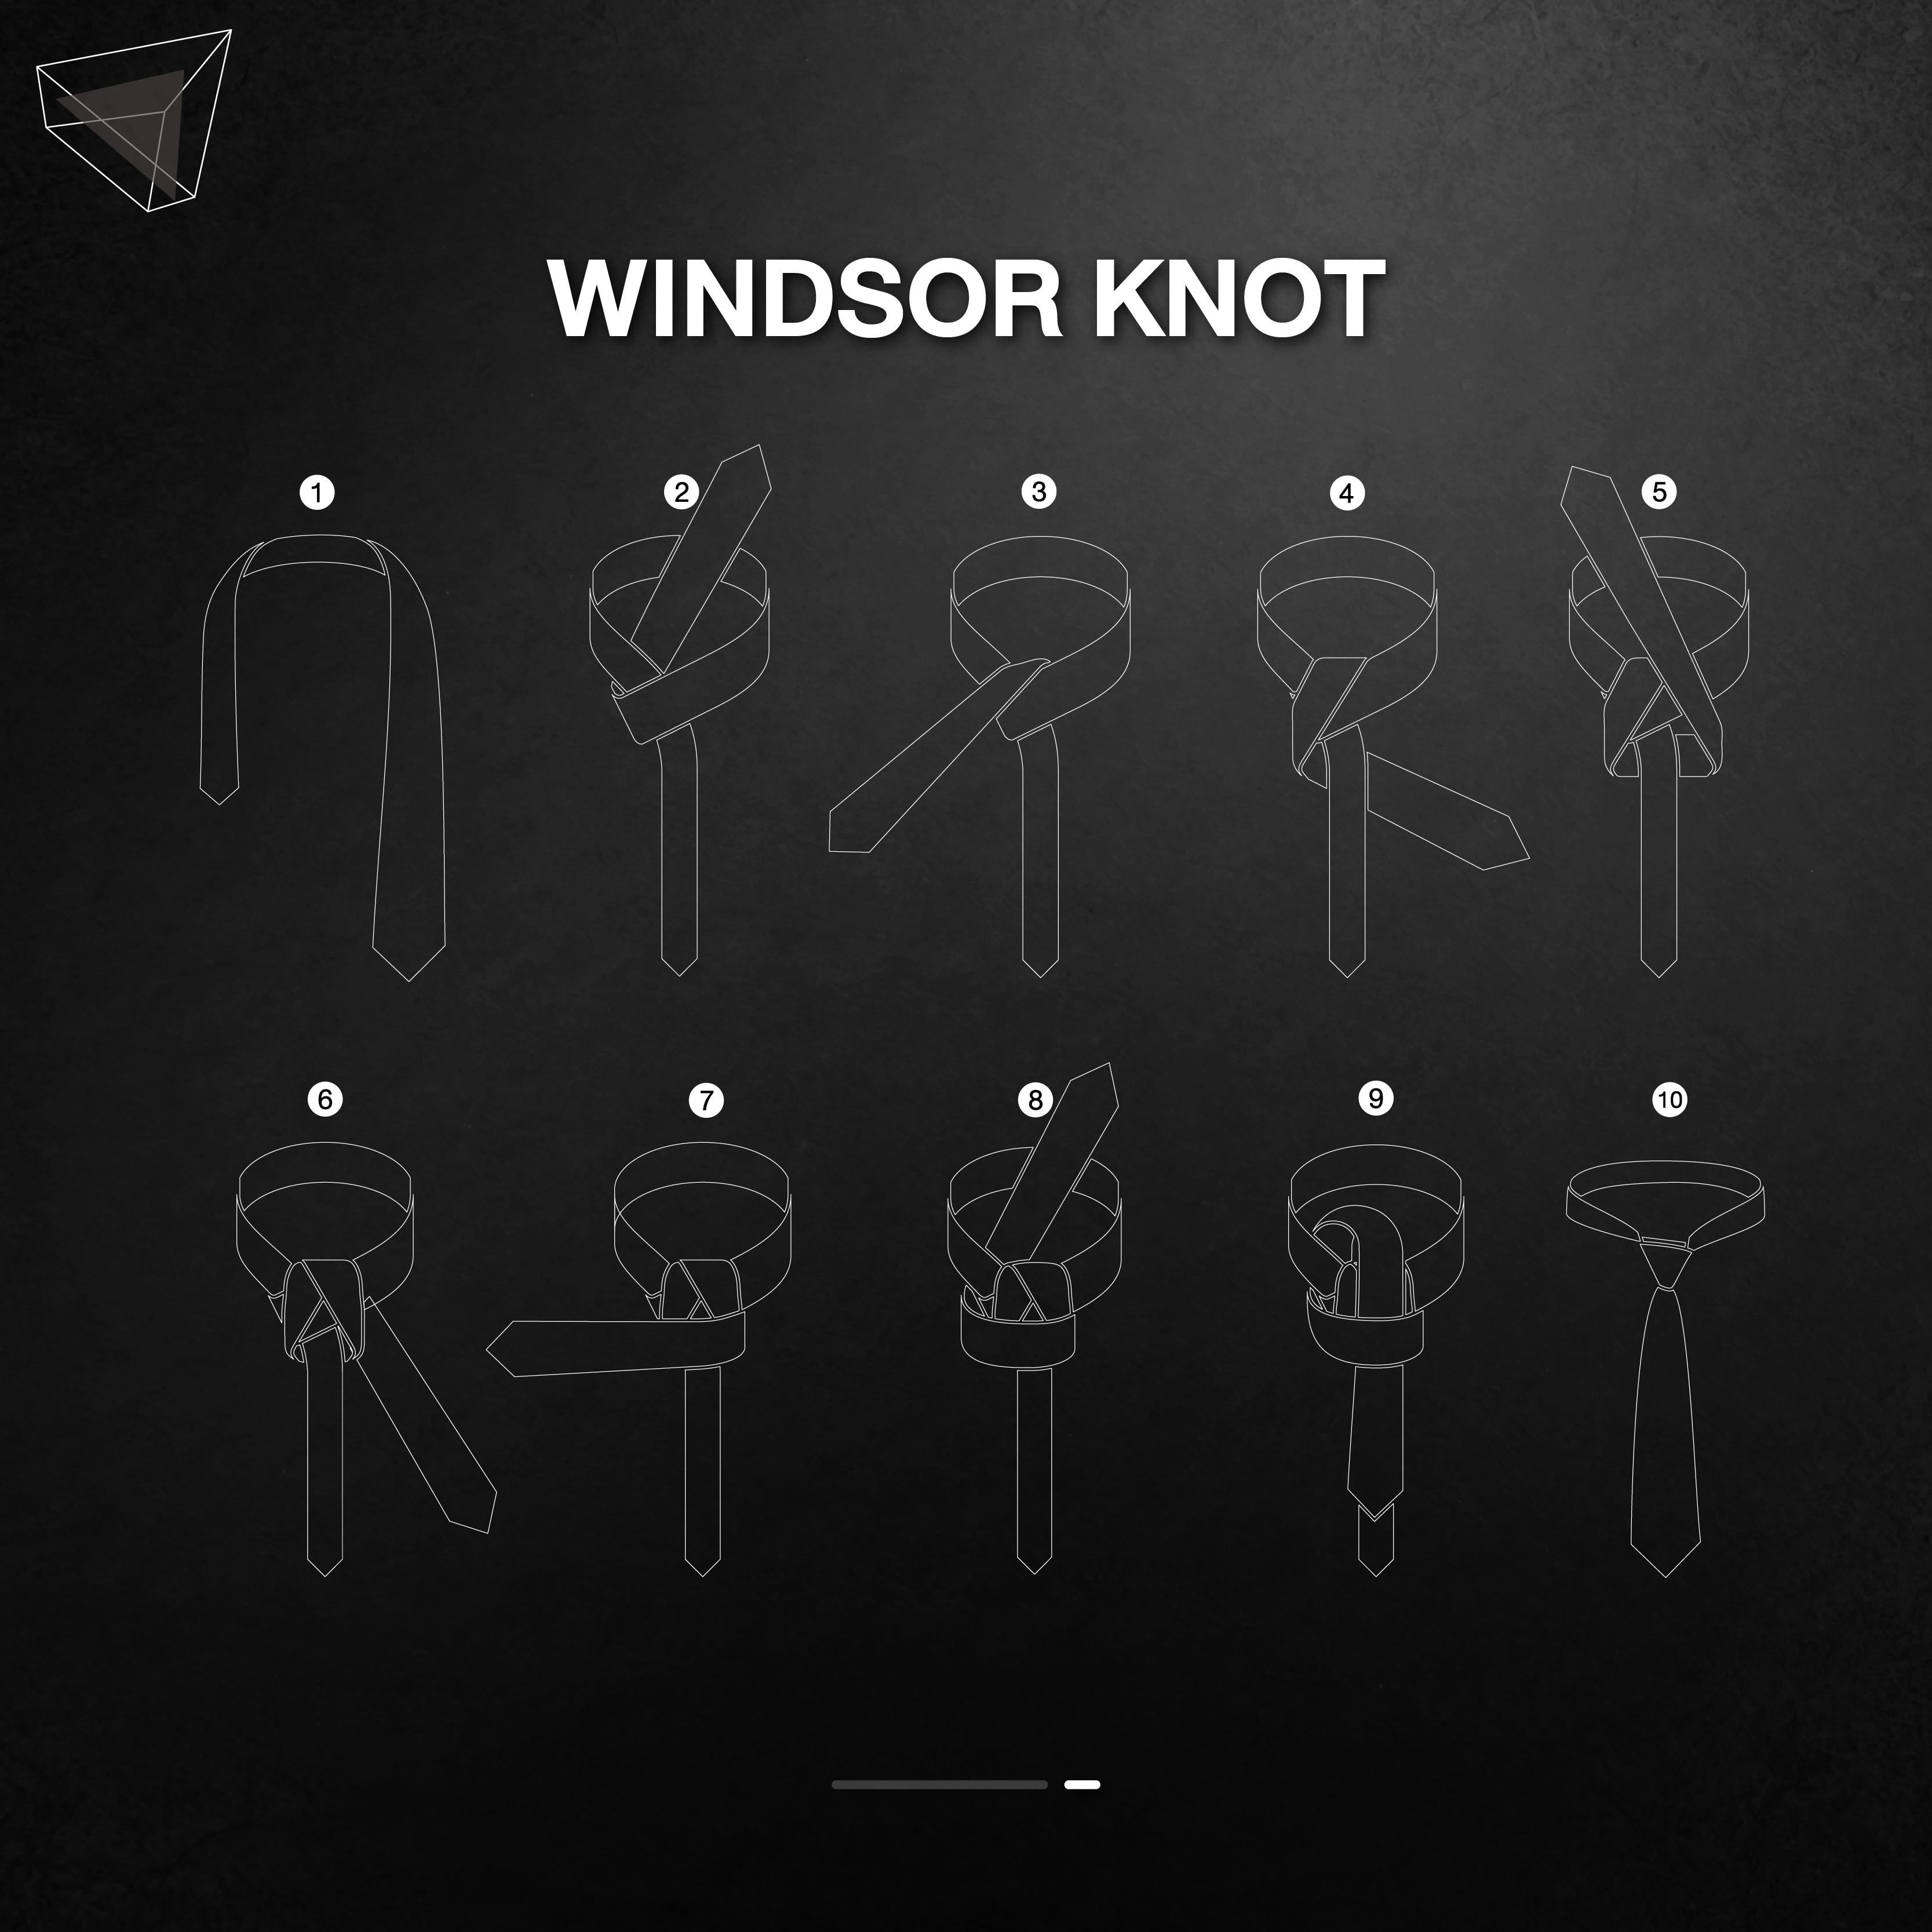 วิธีผูกเนคไทแบบ Windsor Knot